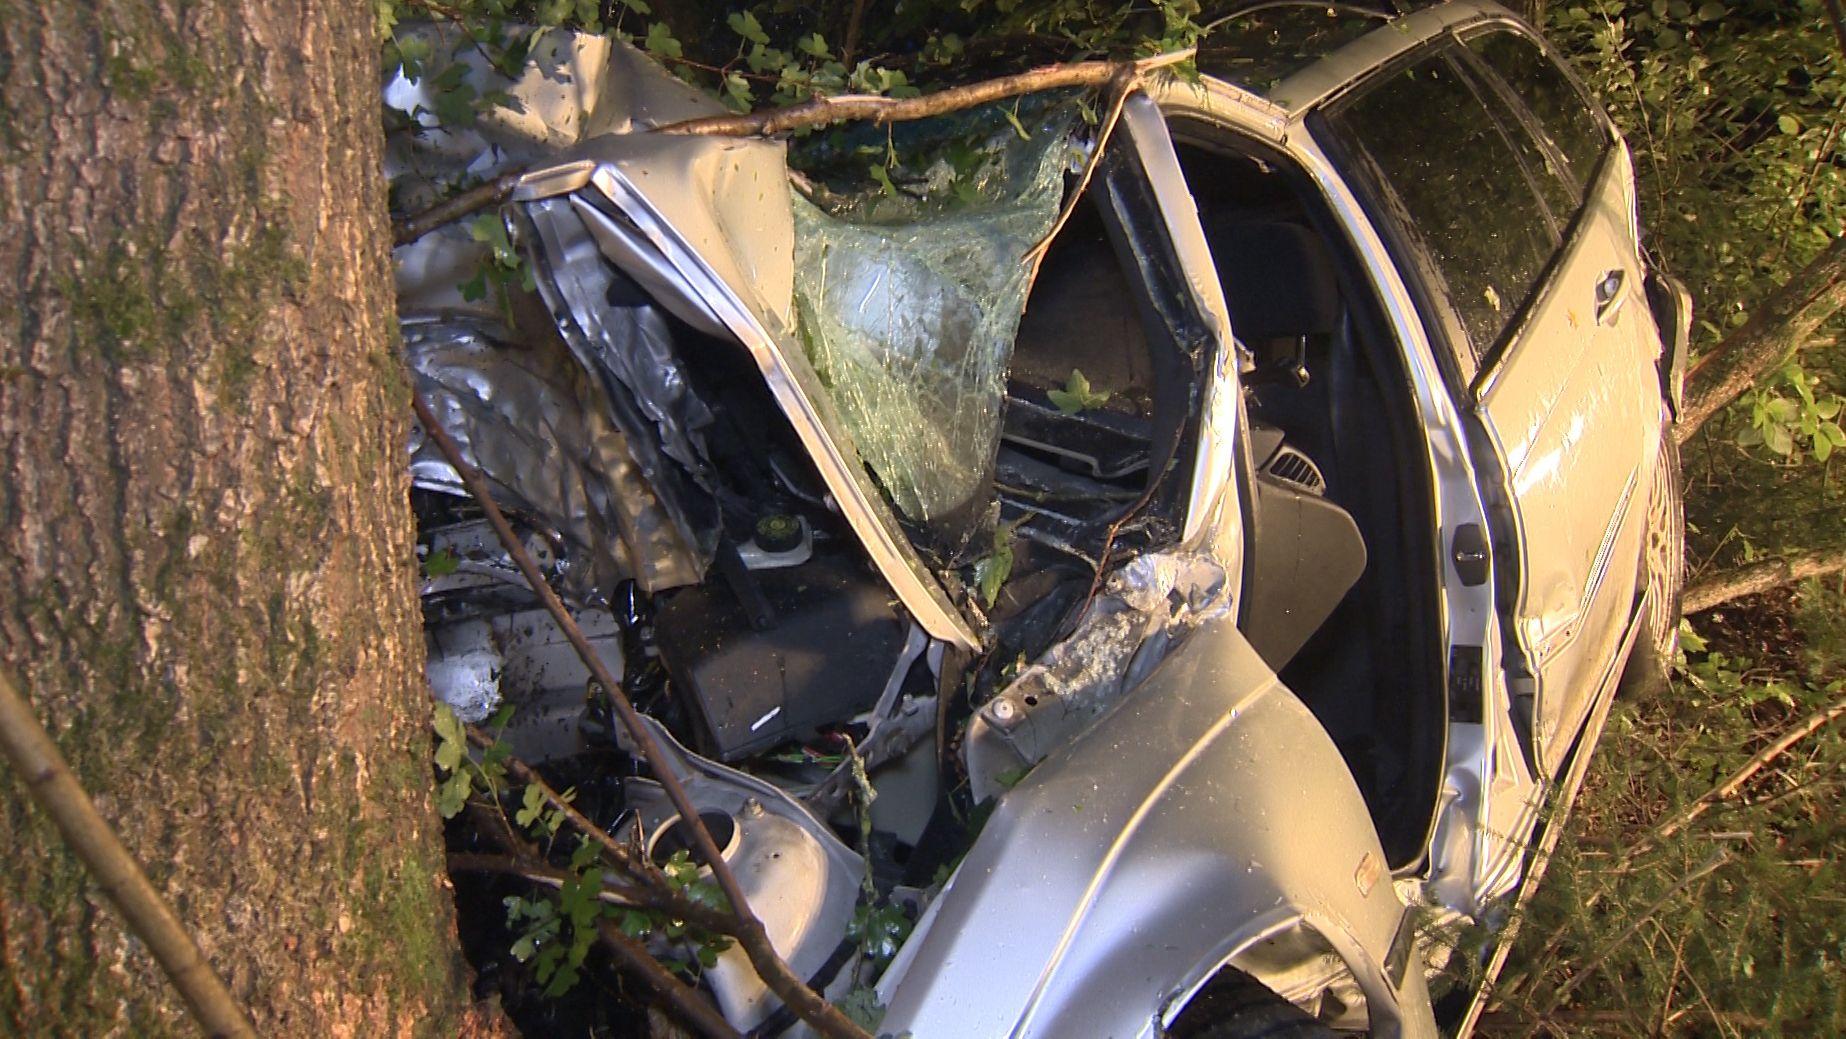 Ein Autofahrer prallt bei Wasserburg gegen einen Baum. Der Wagen wird bei dem Unfall völlig demoliert